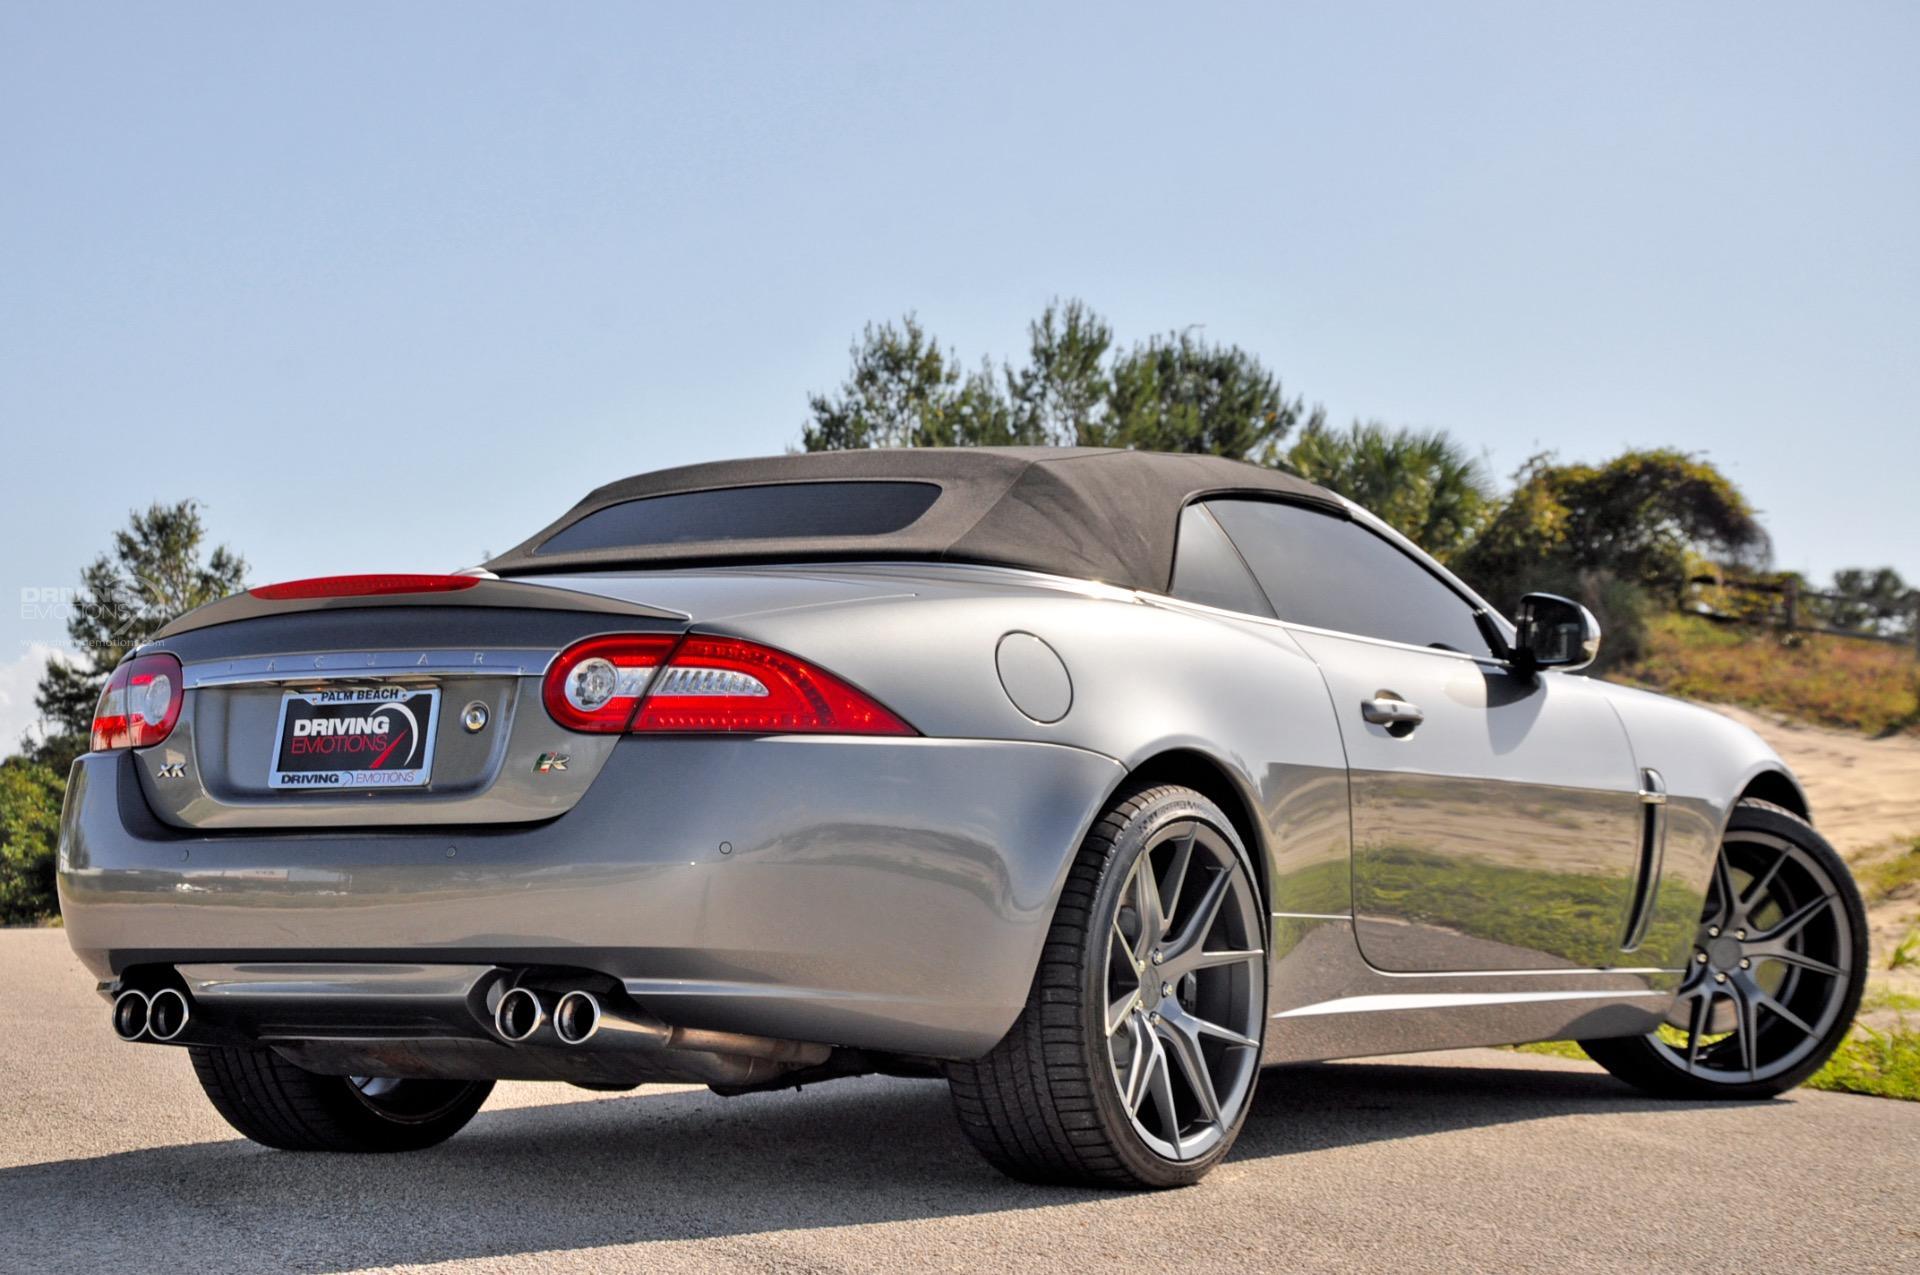 jaguar convertible autoevolution specs xkr cars s